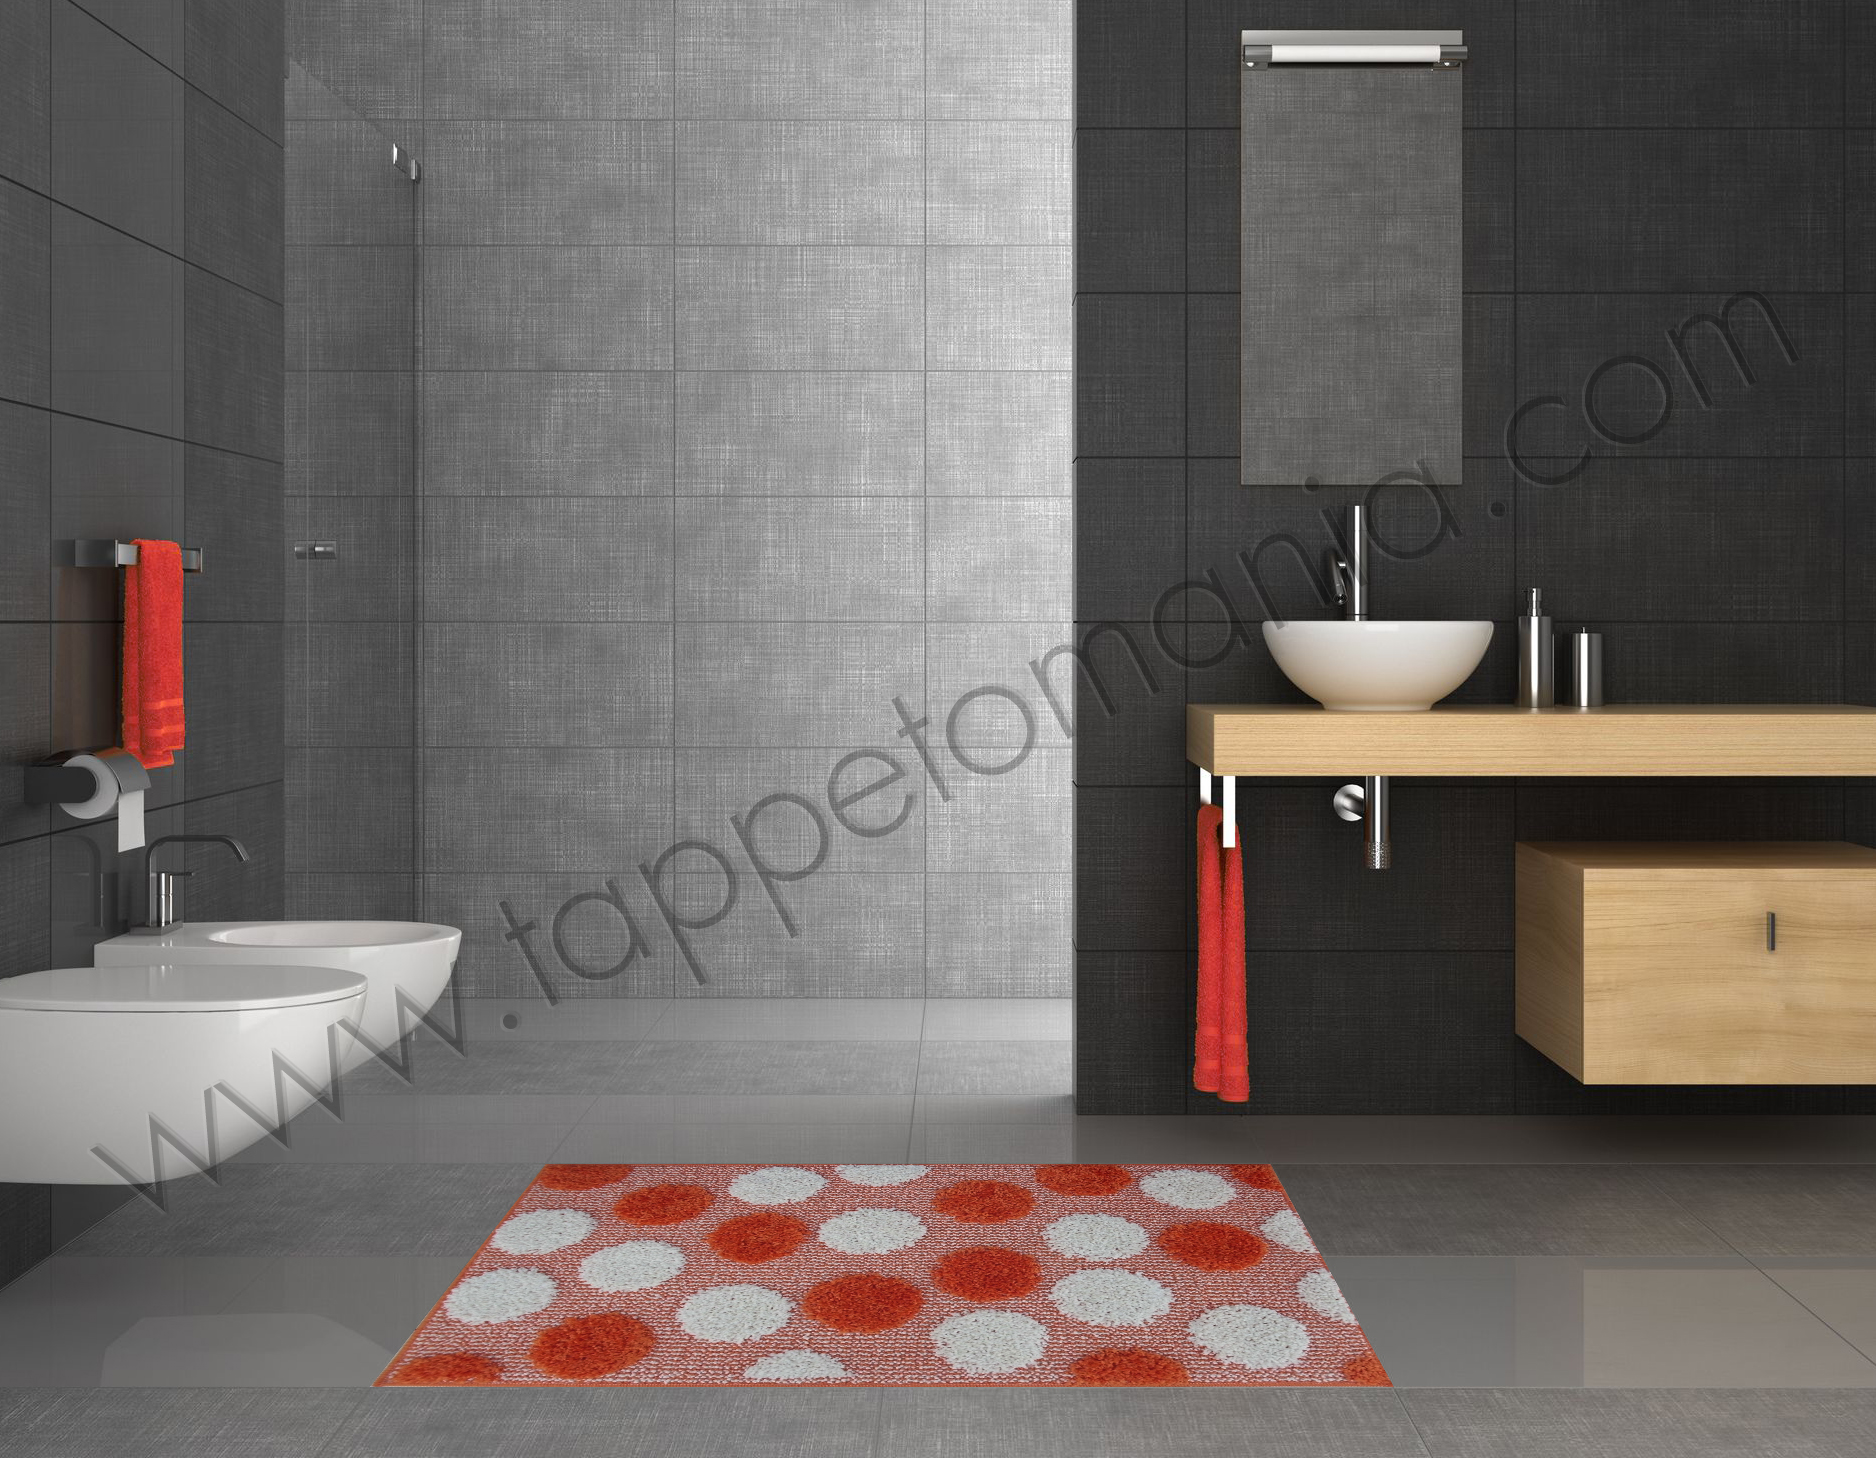 Tappeti cucina o bagno bollengo - Tappeti bagno torino ...